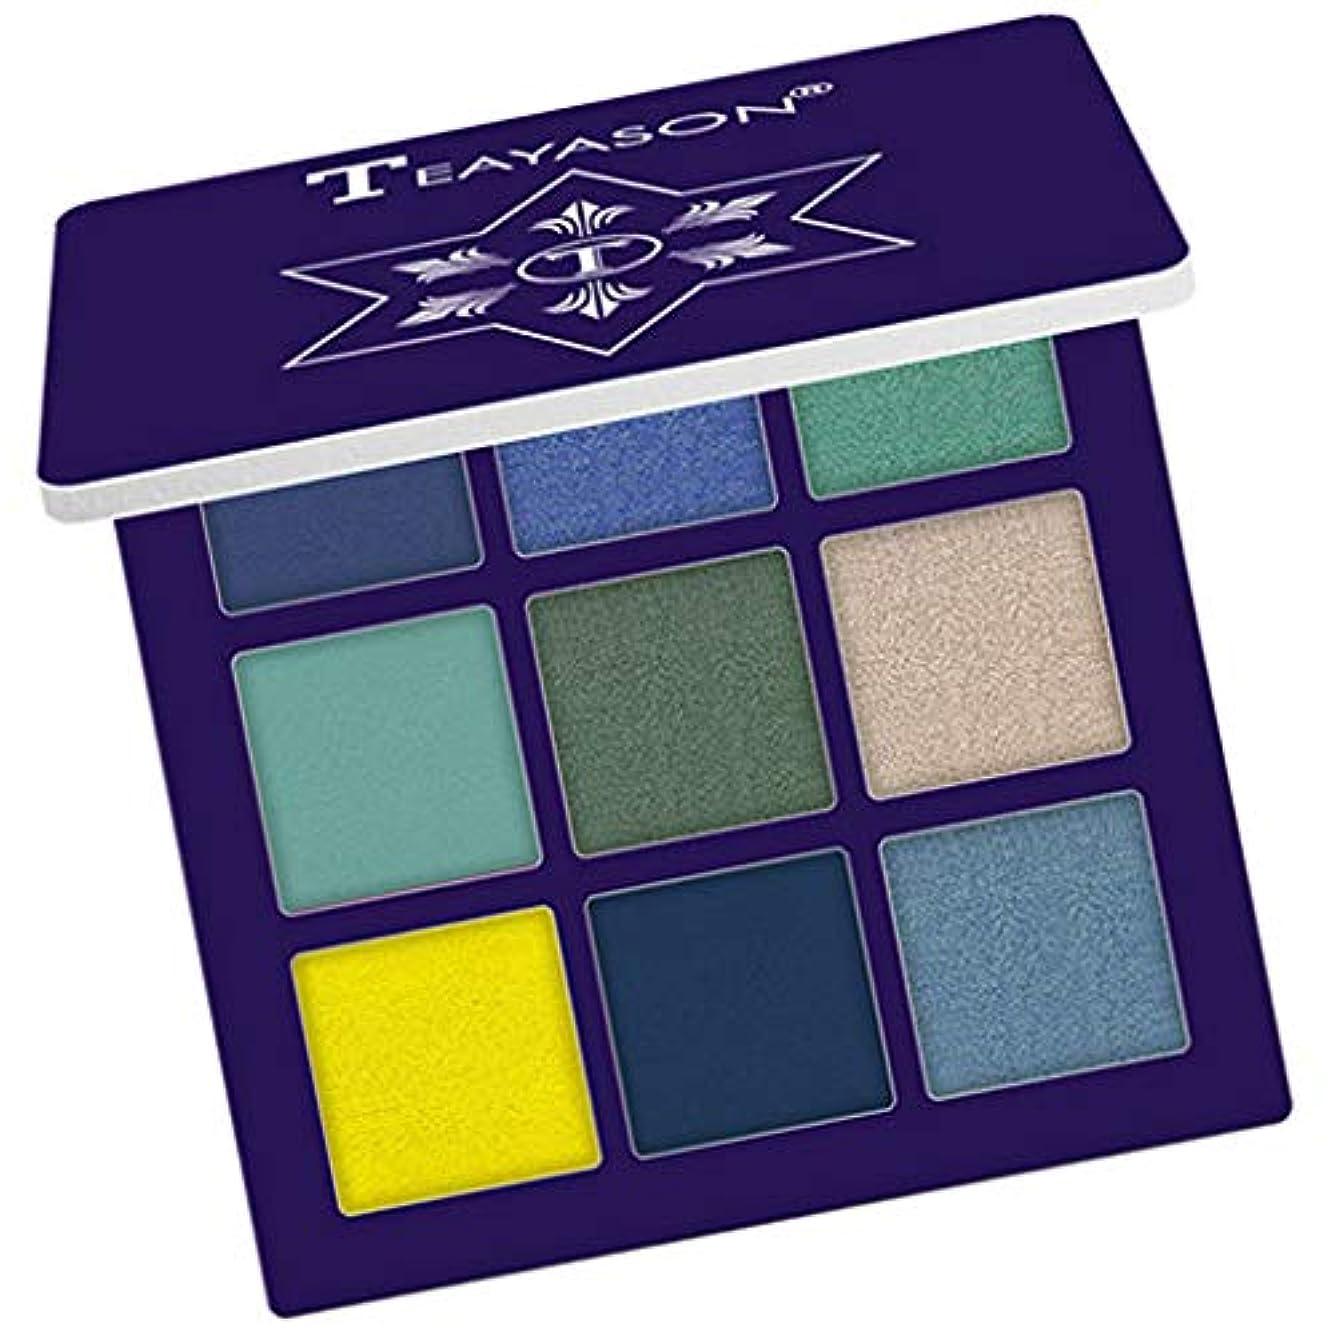 Perfeclan アイシャドー パレット マット アイシャドウ きらめく 9色 ブレンド可能な 防水 全10色 - 濃紺